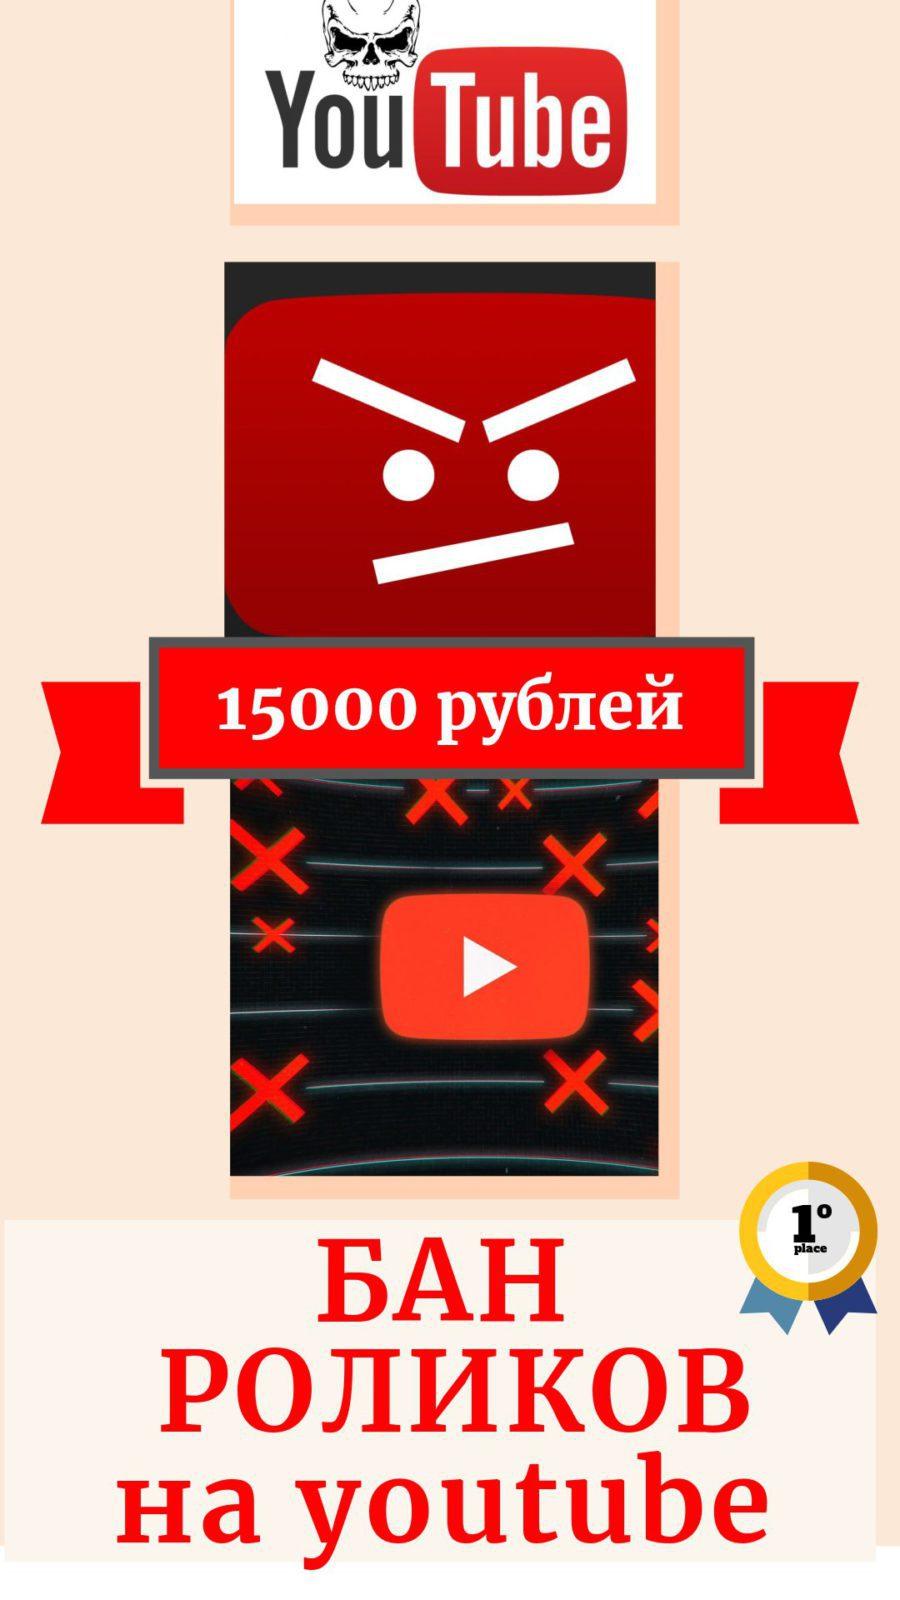 Удалить чужой ролик на ютуб (youtube)